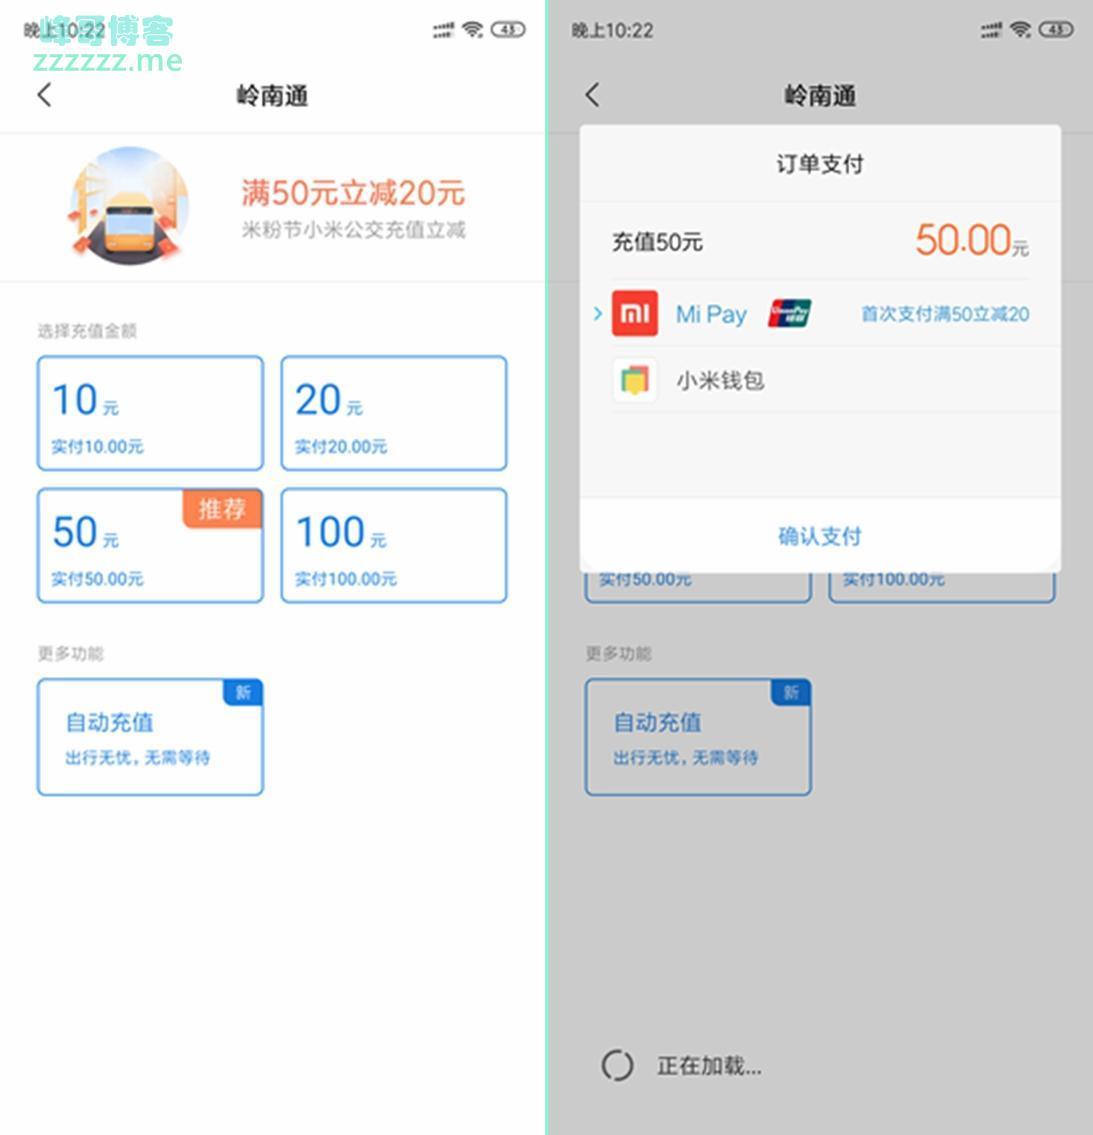 小米Mi Pay岭南通公交卡充值特惠首次使用Mi Pay充值支付30元到账50元!